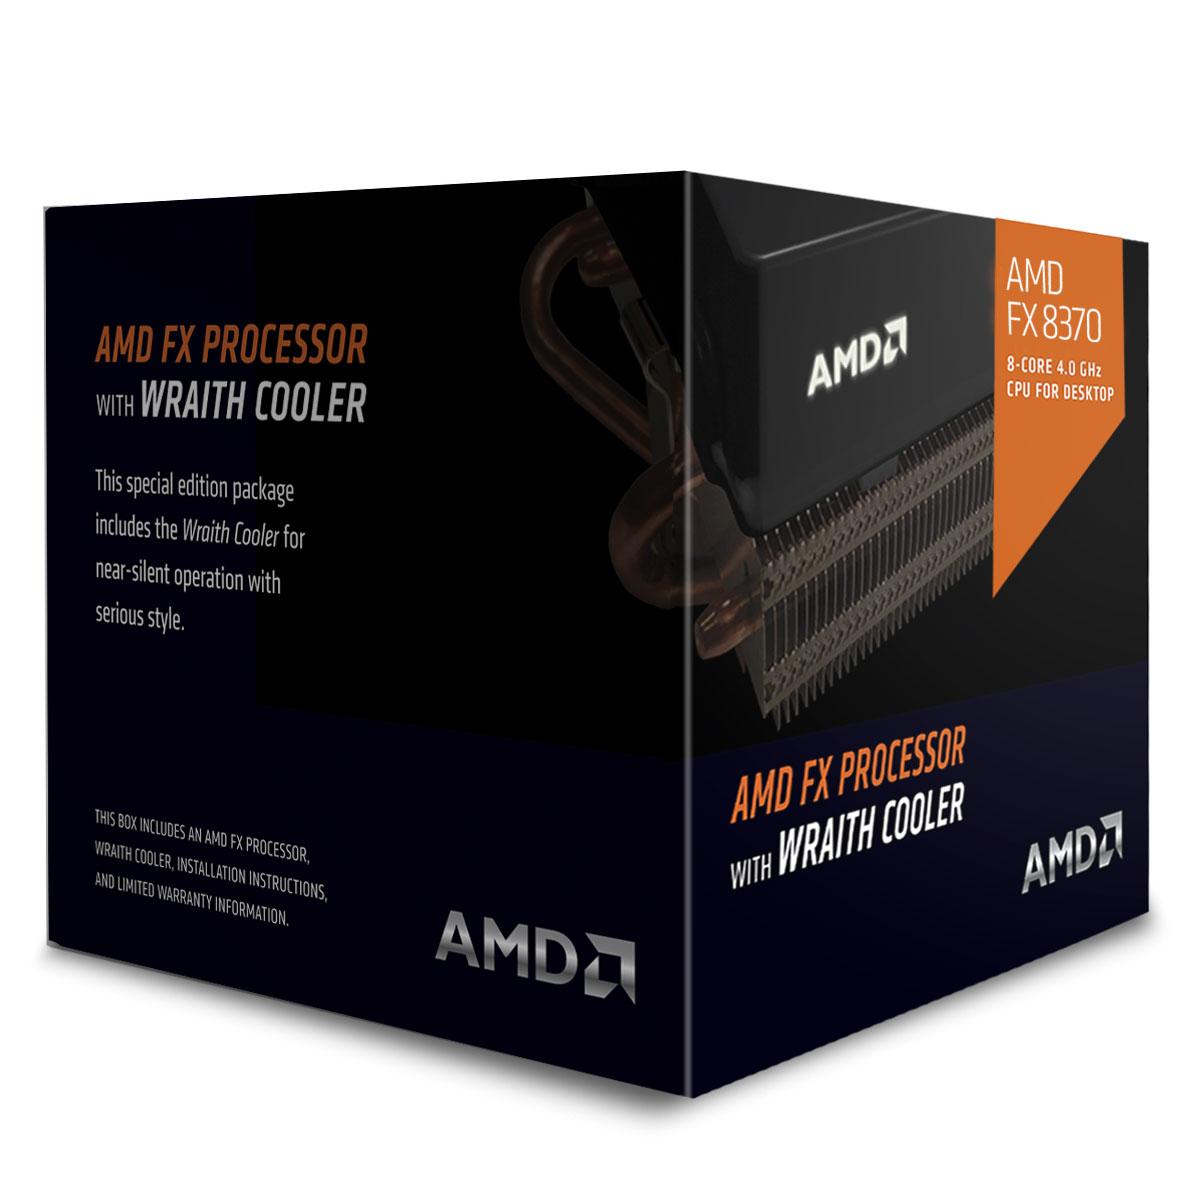 Processeur AMD FX 8370 Wraith Cooler Edition (4.0 GHz) Processeur 8-Core socket AM3+ Cache L3 8 Mo 0.032 micron TDP 125W + ventilateur silencieux hautes performances (version boîte - garantie constructeur 3 ans)